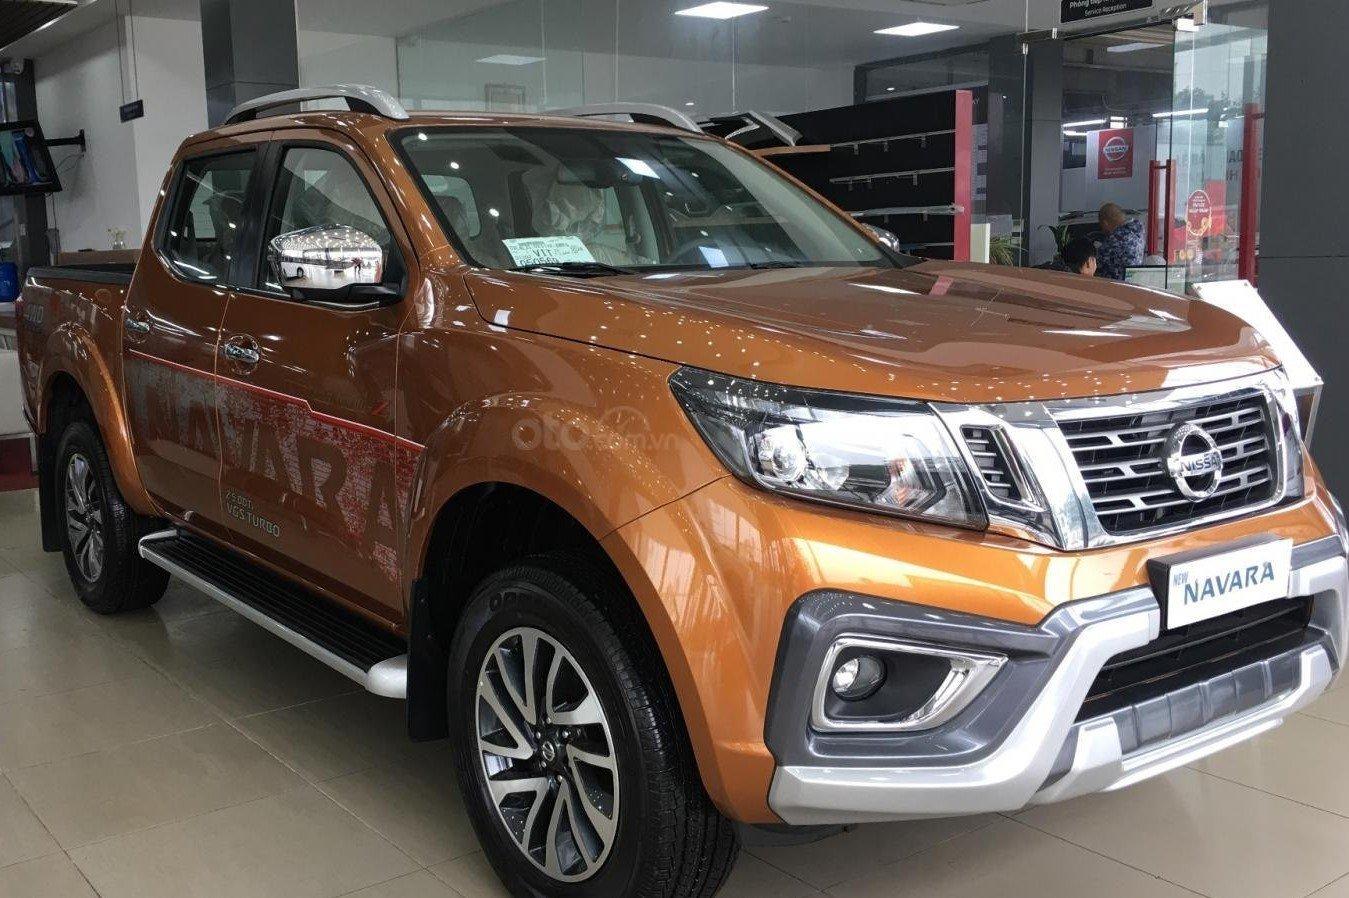 Nissan Navara giảm 20 - 30 triệu đồng và tặng phụ kiện 1